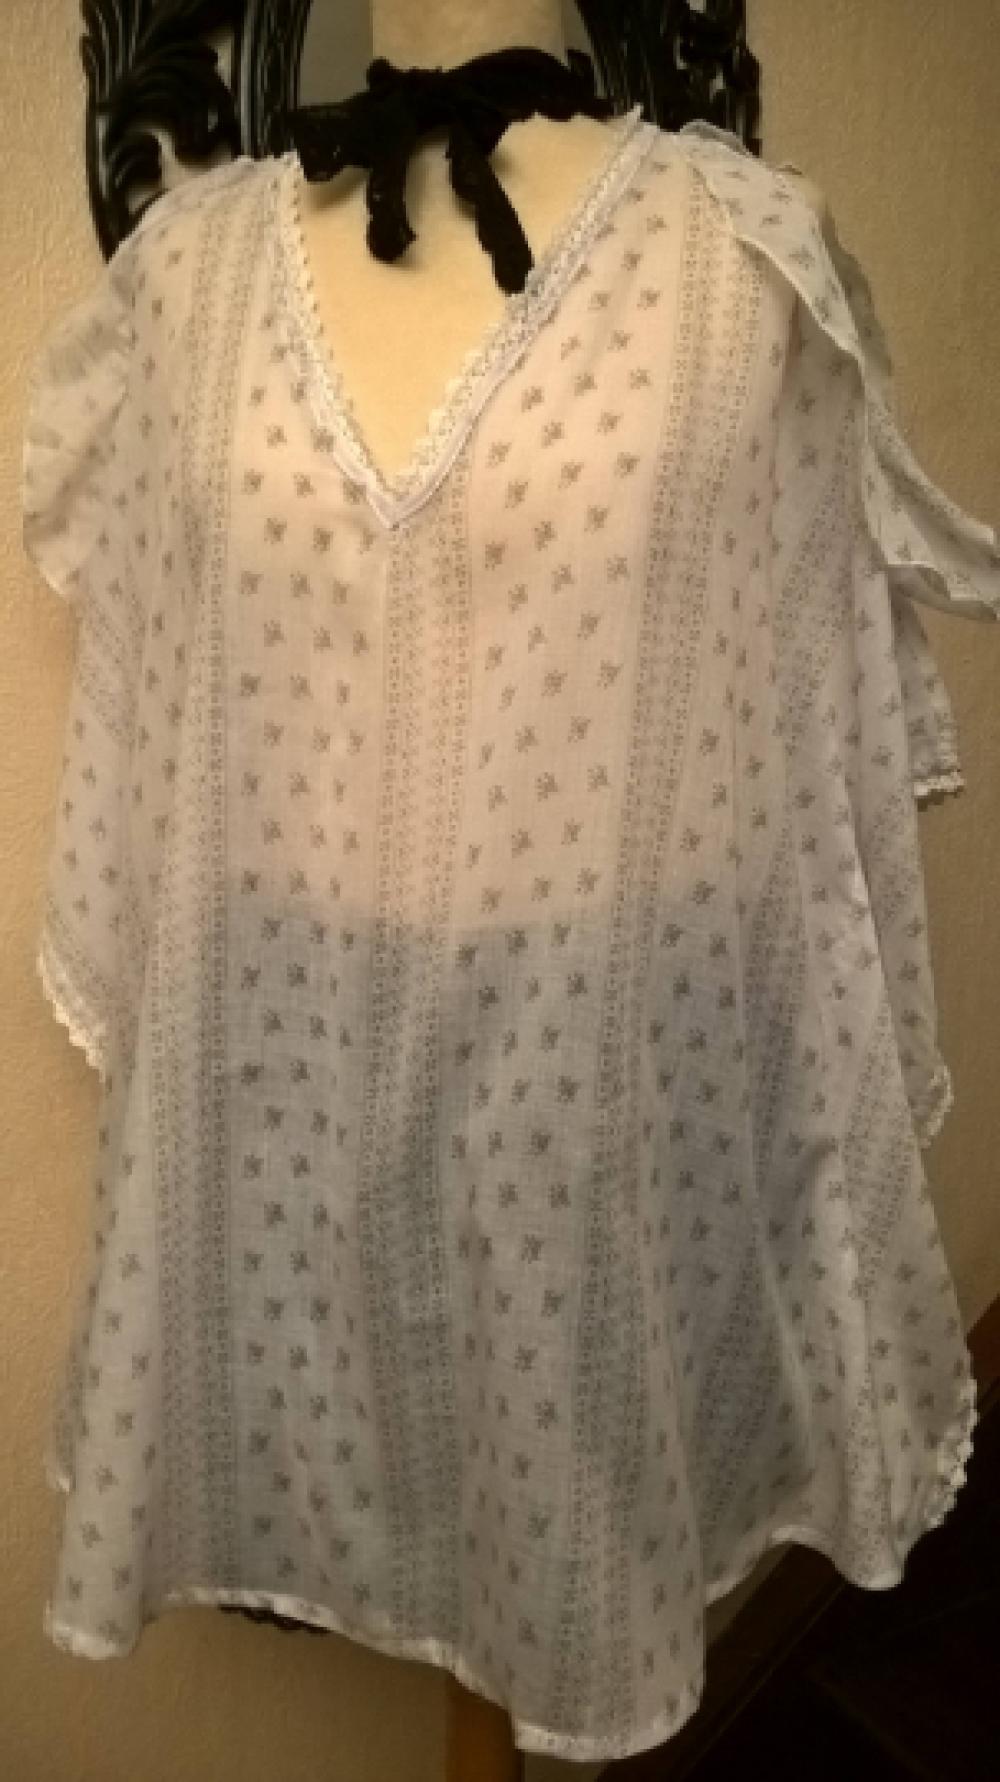 Grande taille,Blouse femme,voile de coton,couleur blanc et beige,cadeau femme,cadeau fille,vêtements